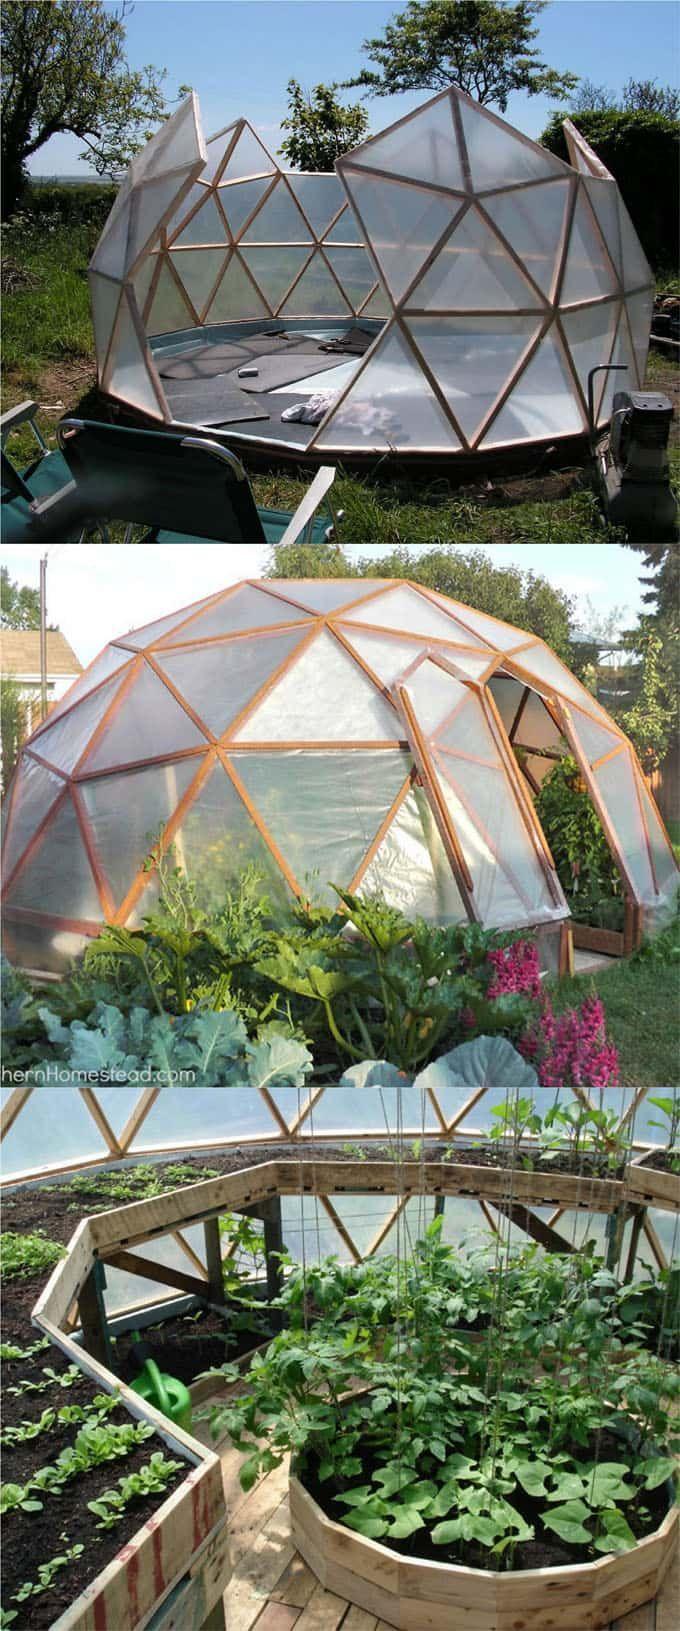 21 DIY Greenhouses with Great Tutorials   Gärten